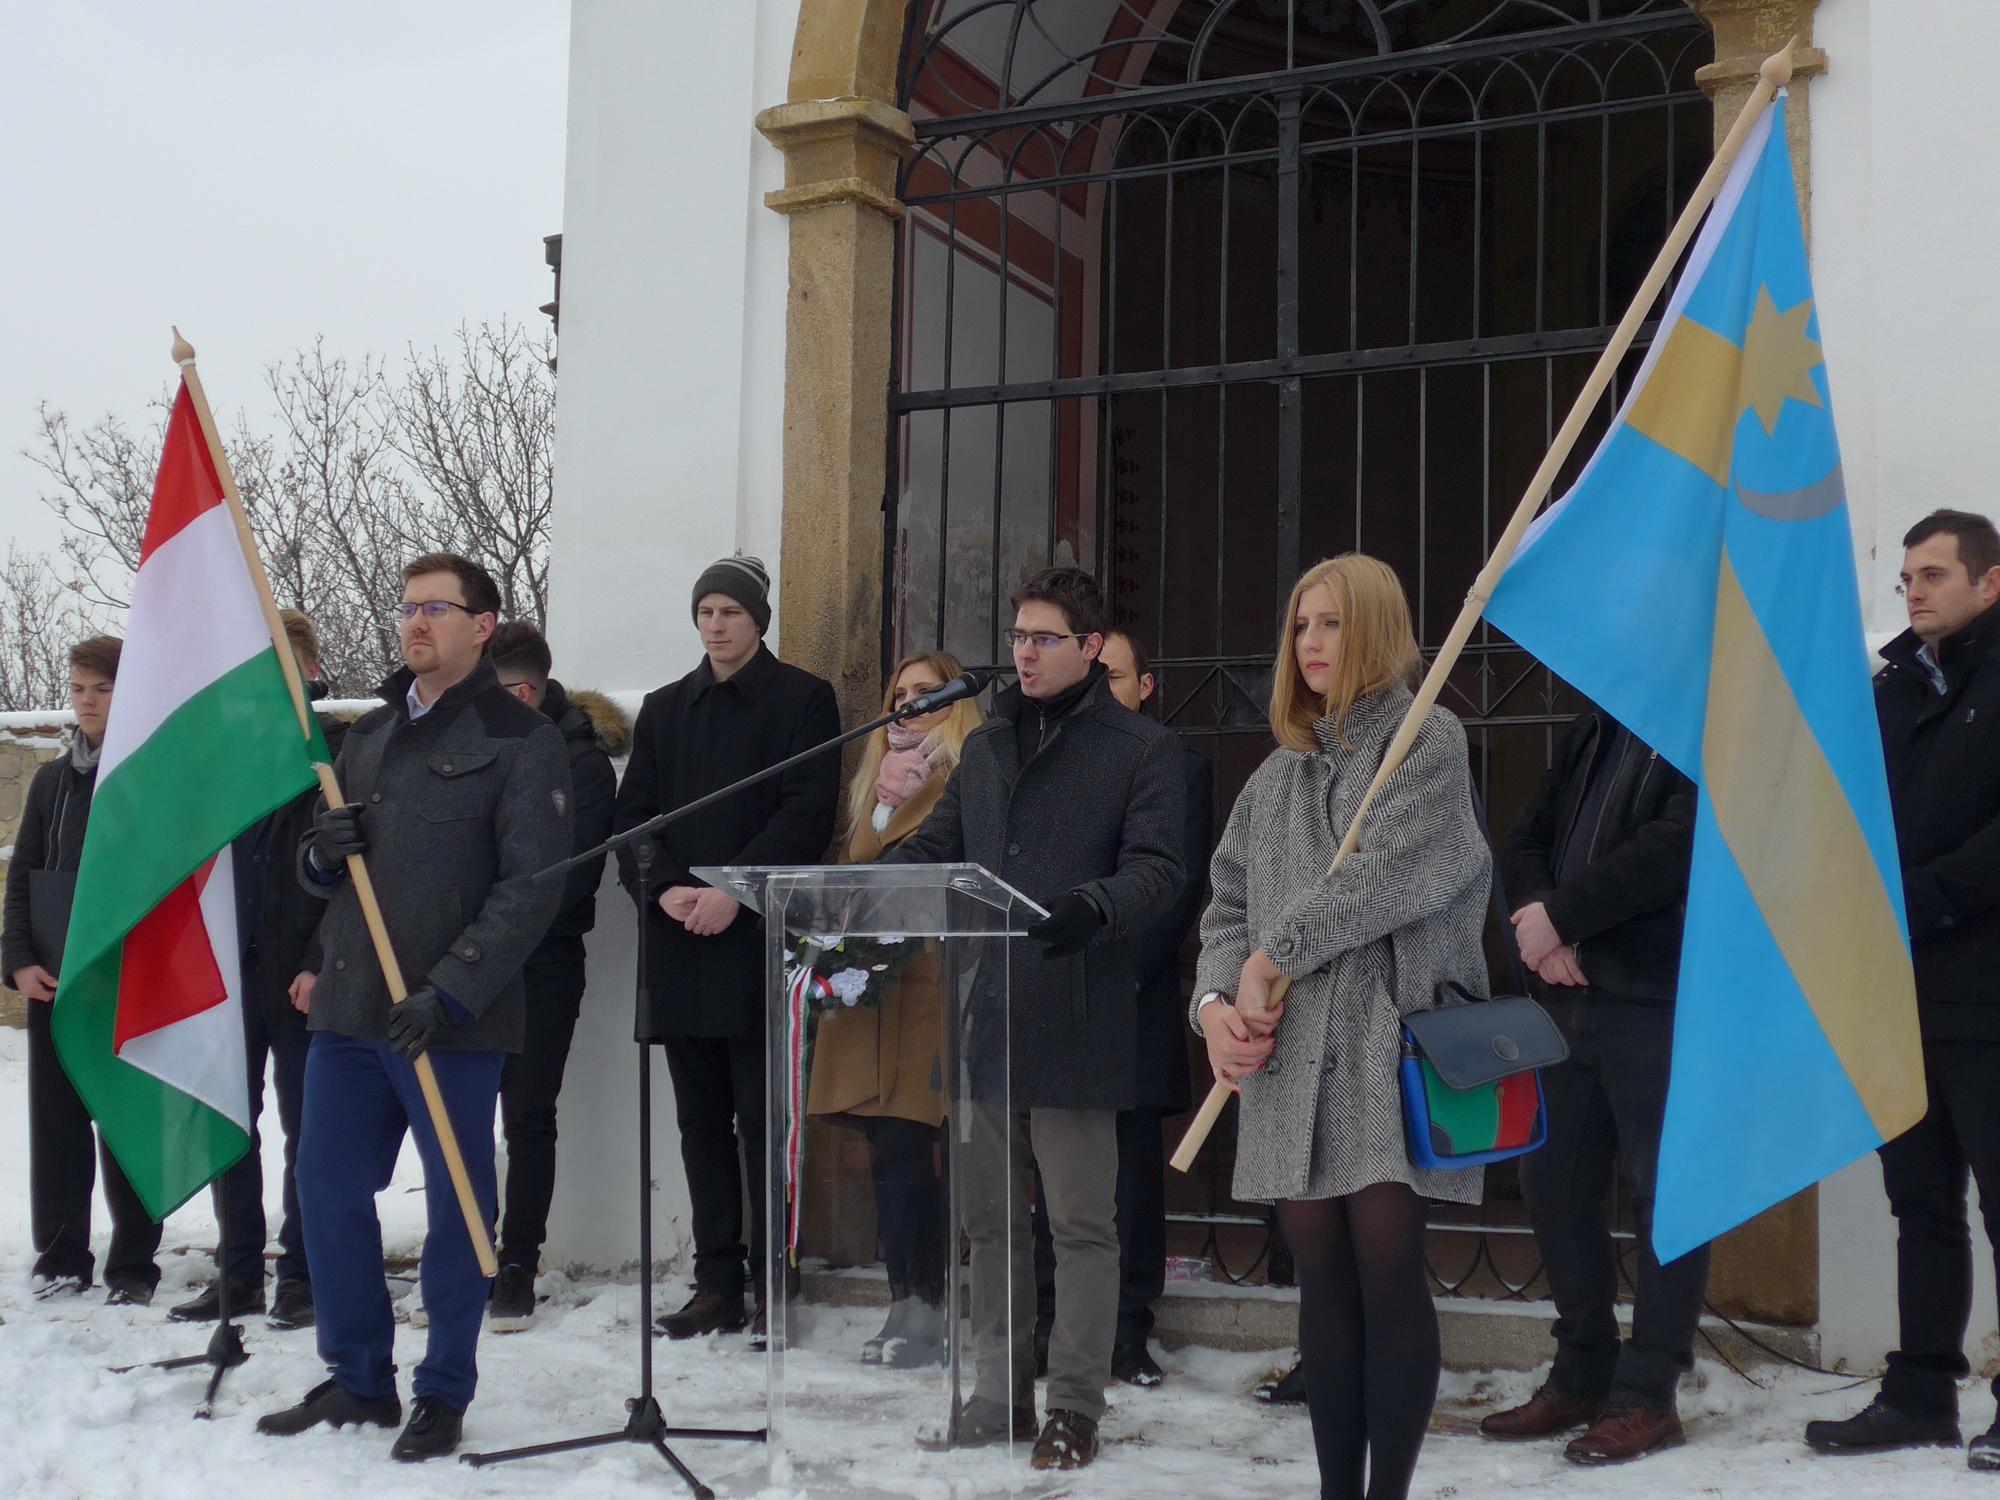 Barkóczi Csaba köszöntője 2019. január 23-án a Remény Útja megemlékezésen